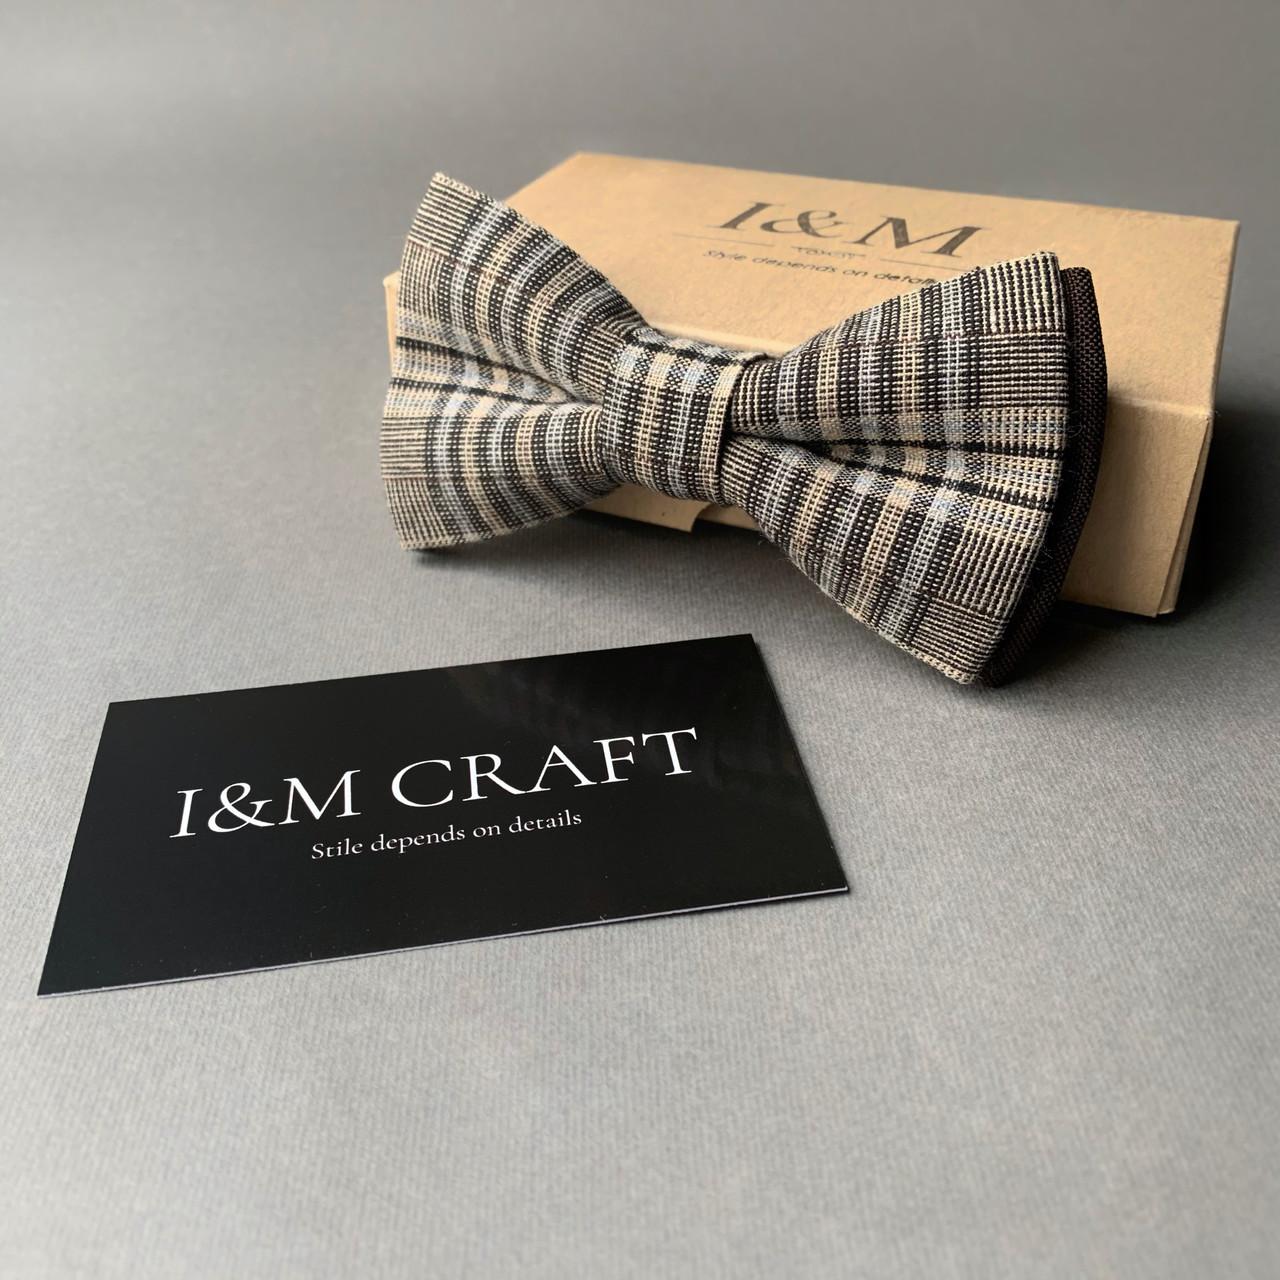 Галстук-бабочка I&M Craft коричневый в клетку (010435)